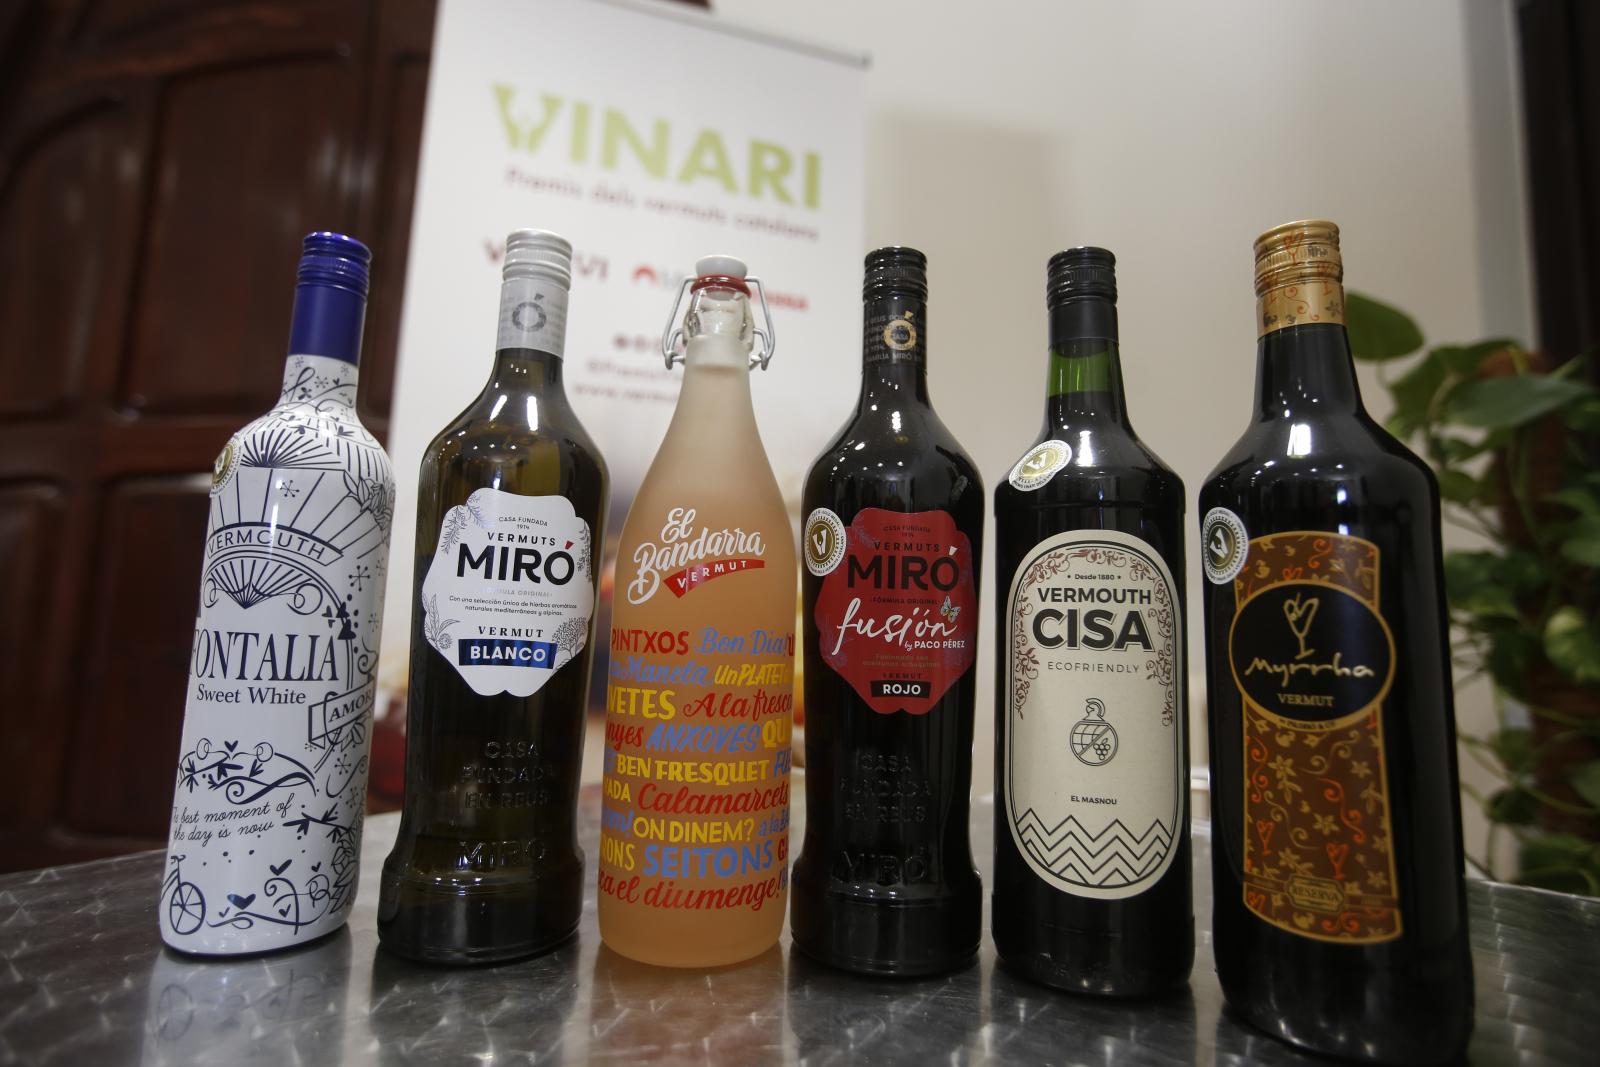 Els vermuts guanyadors amb un Vinari d'Or a la cinquena edició dels Premis Vinari